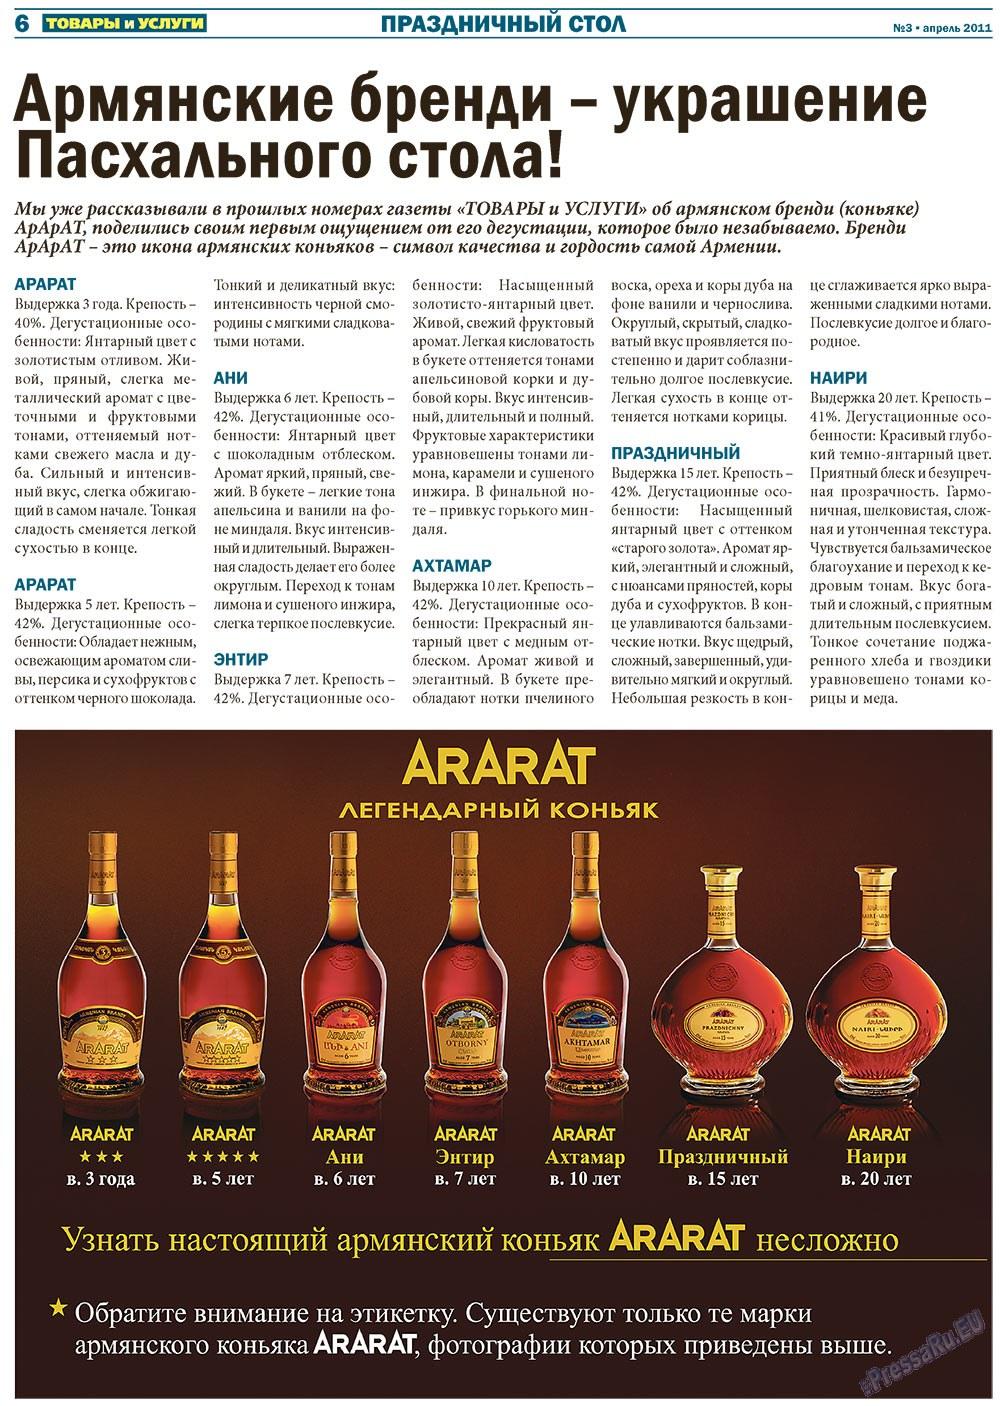 Товары и услуги (газета). 2011 год, номер 3, стр. 6